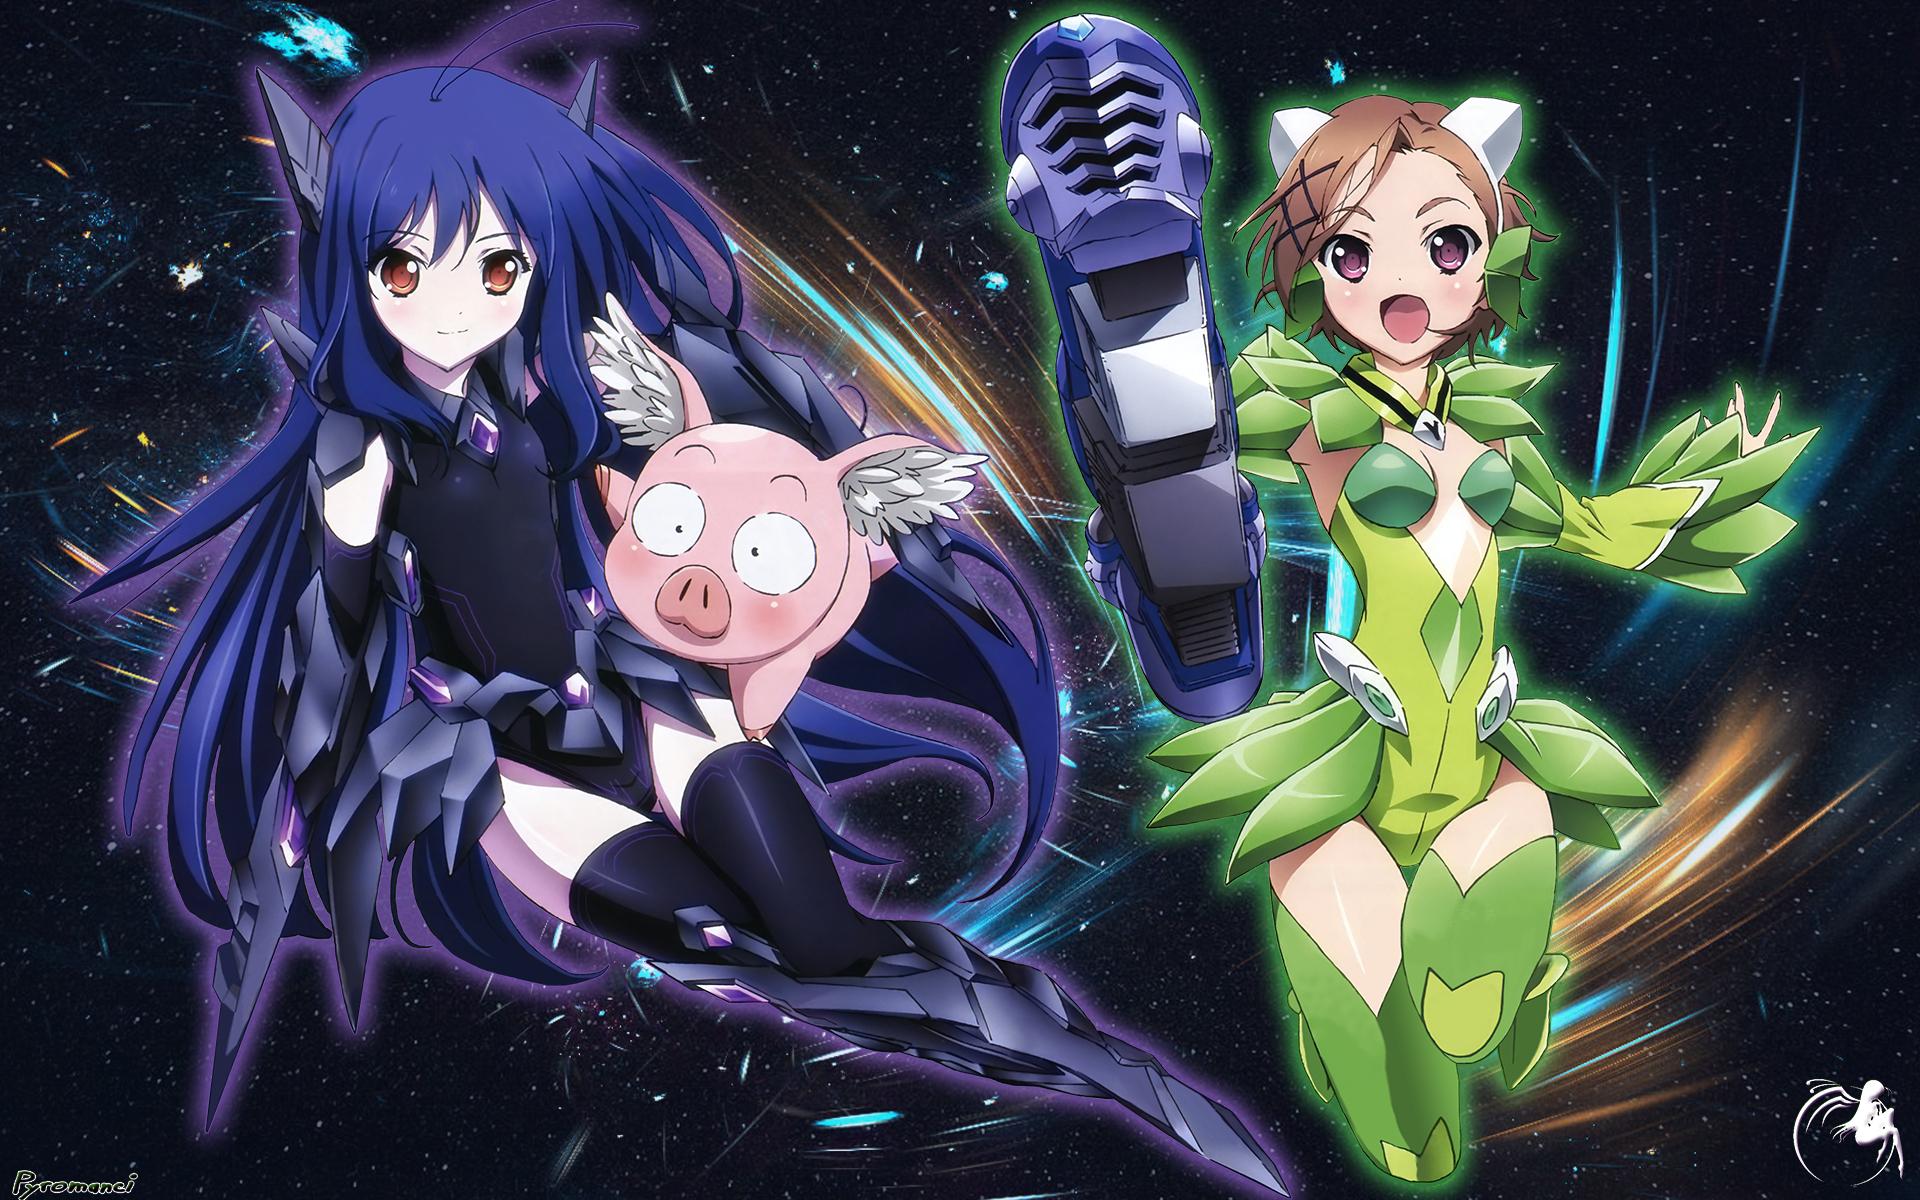 Accel World Wallpaper 1389021 Zerochan Anime Image Board